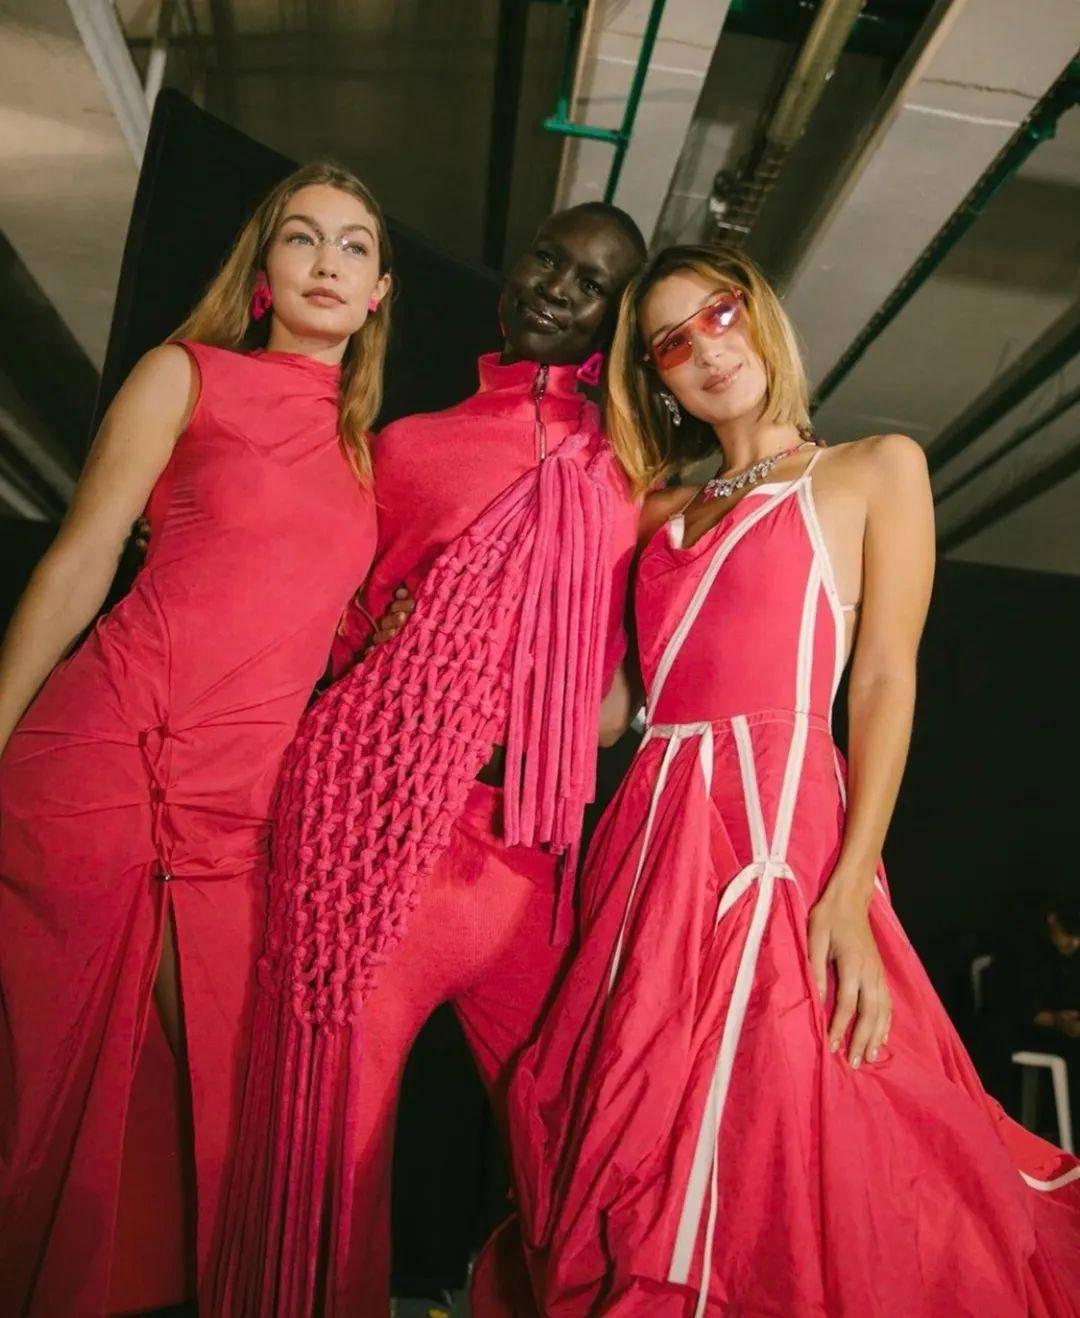 流行色丨典雅又明快的玫红色,妩媚俏丽却并不轻浮,美艳张扬又不流俗-POP花型网